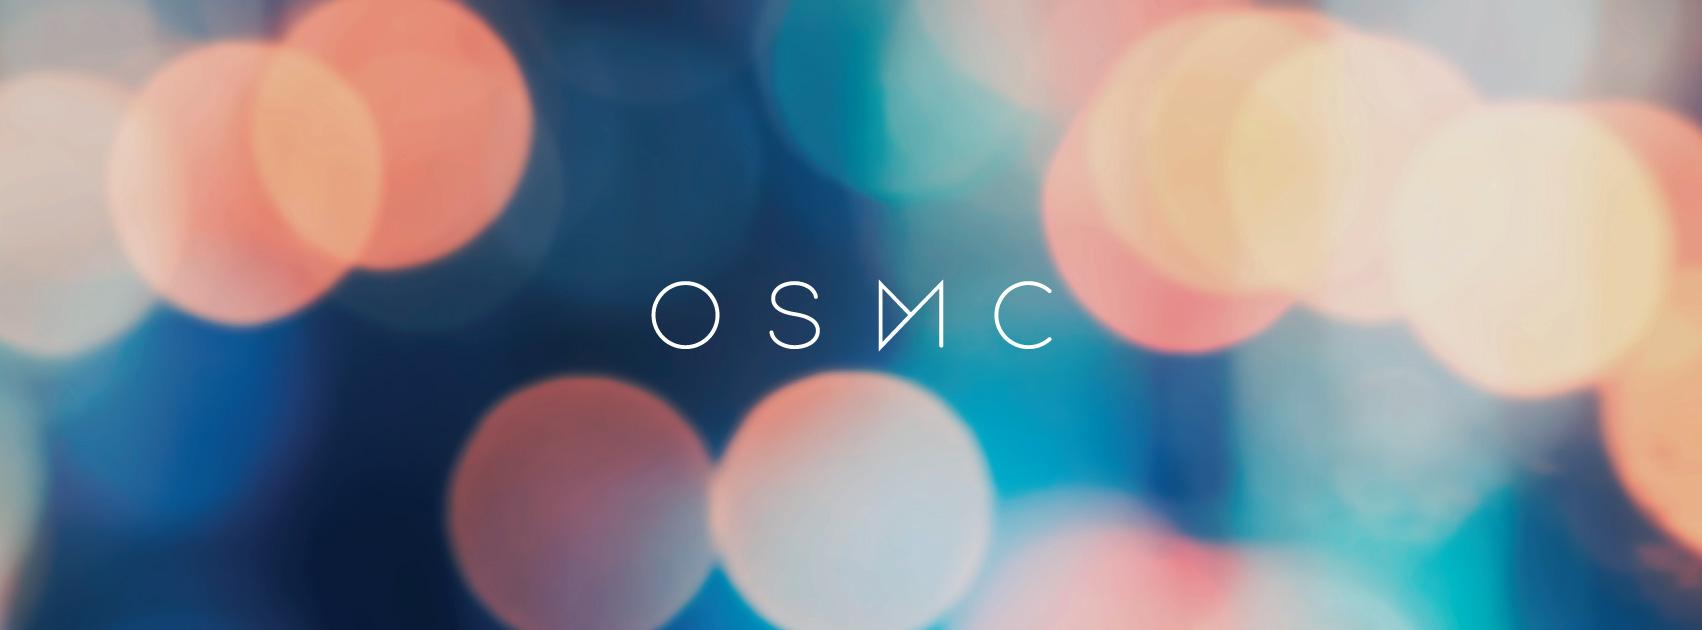 Nom : OSMC_FB_Banner.jpg Affichages : 11470 Taille : 121,5 Ko